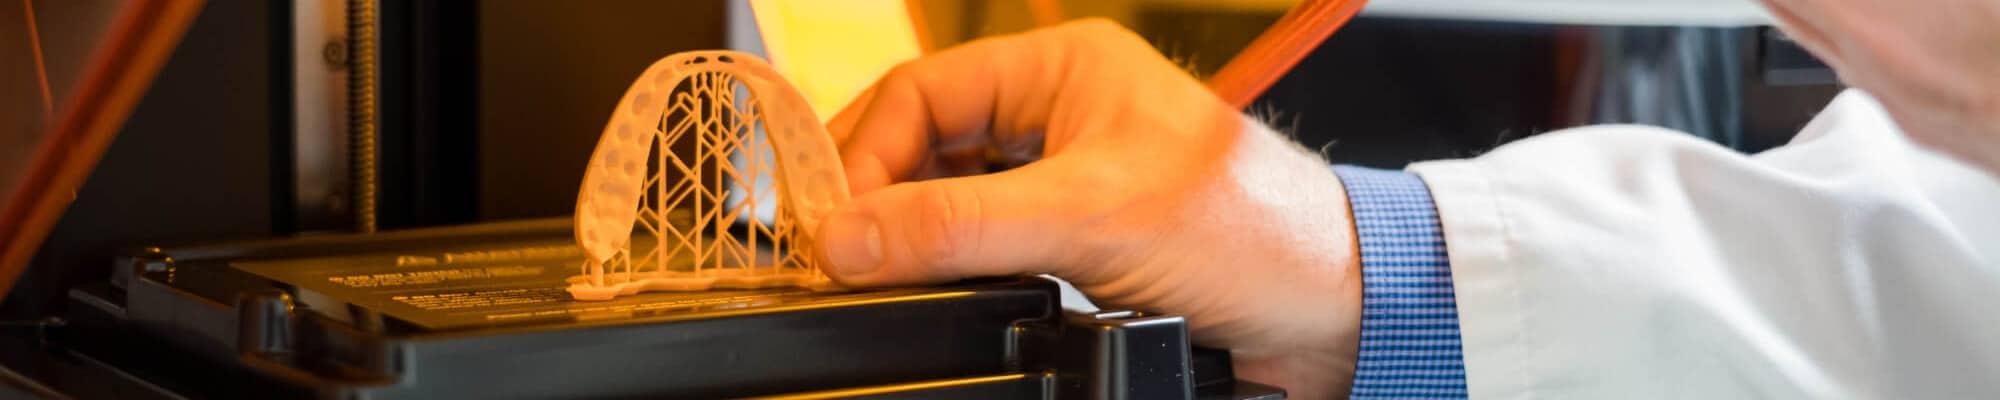 Technische Ausstattung 3D Drucker | groisman & laube